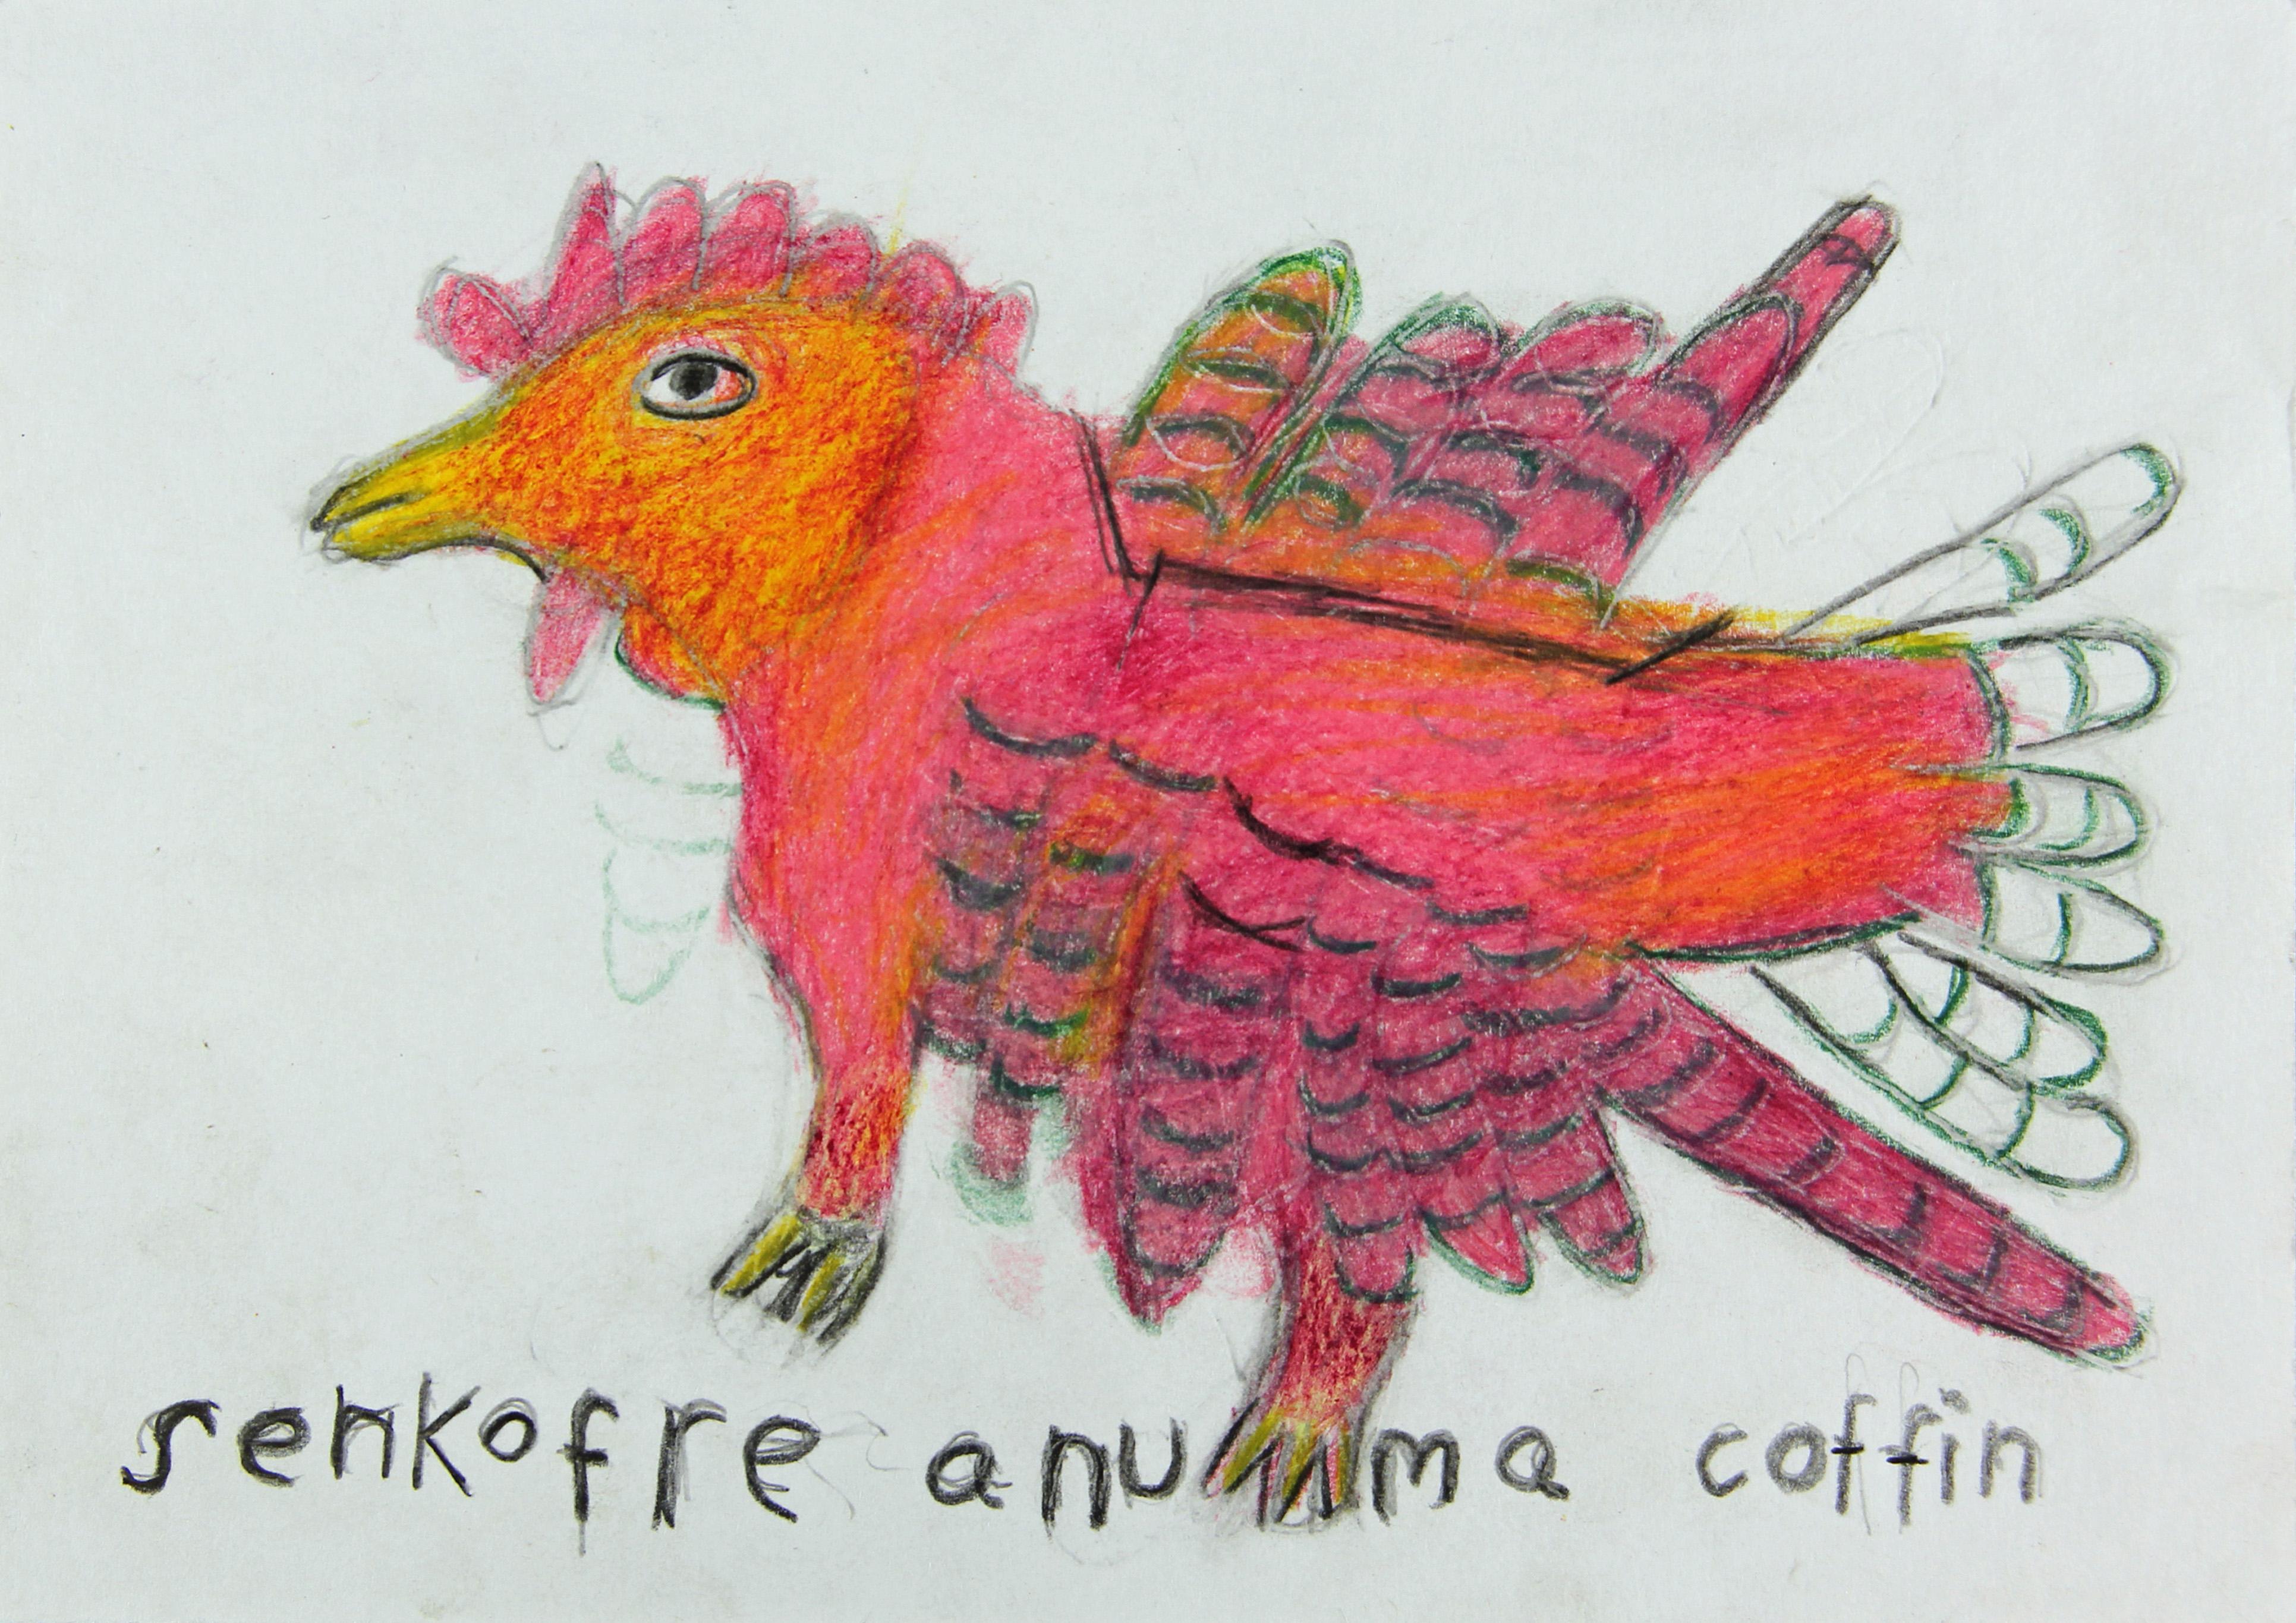 Ataa Oko (*um 1919–2012) Ohne Titel, 2004–2007 80 Zeichnungen, Bunt- und Bleistift auf Papier, Courtesy Regula Tschumi